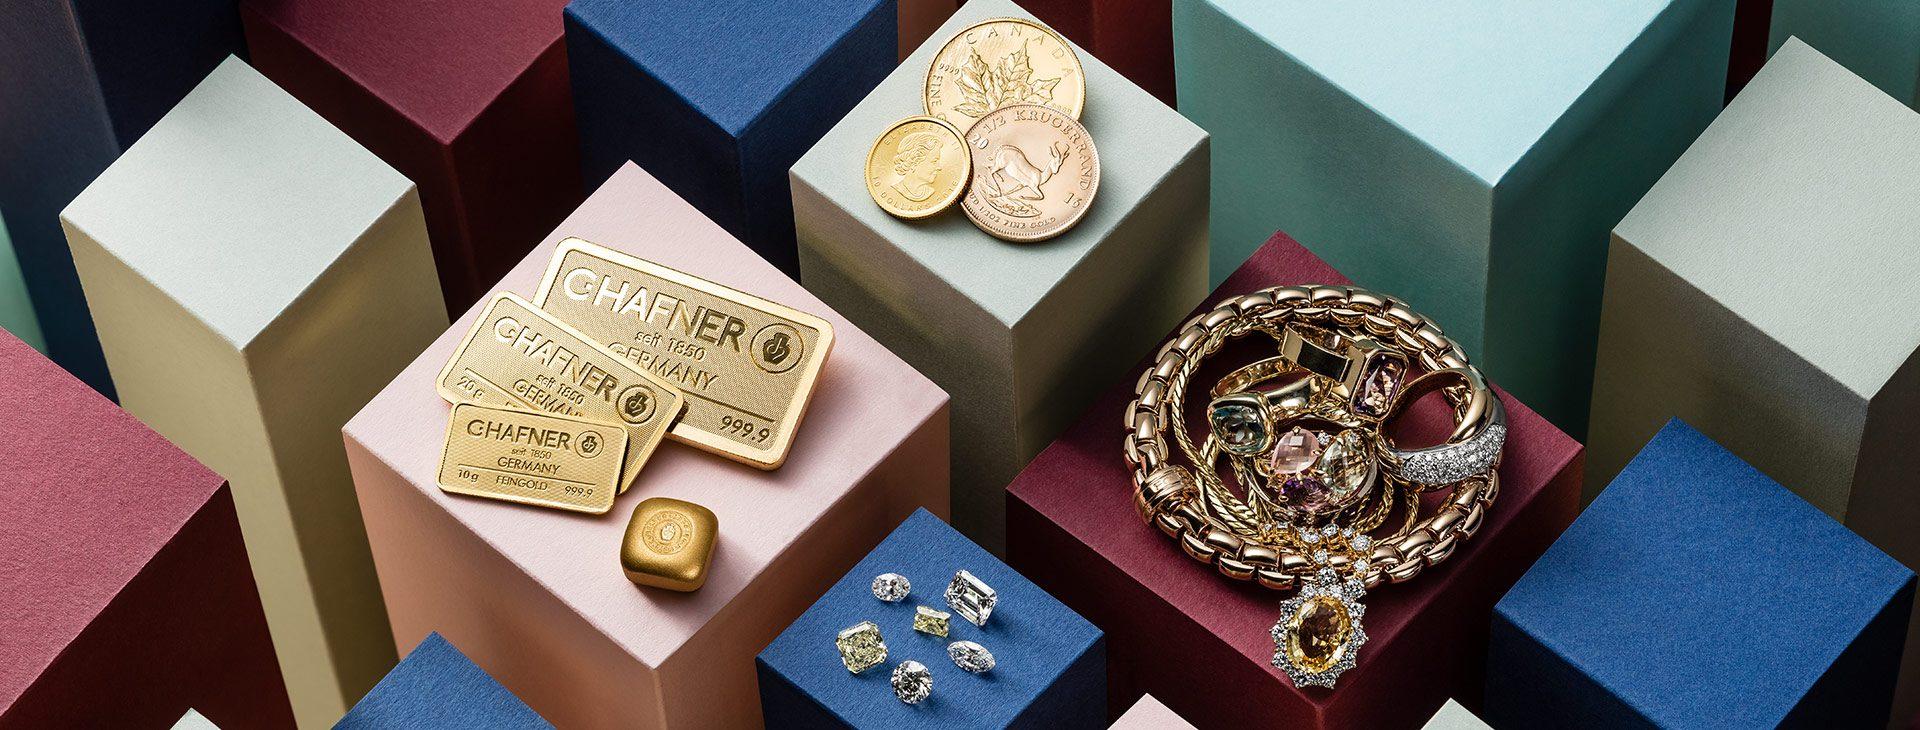 Wir kaufen Goldschmuck und Gold Anlagegüter sowie Diamanten